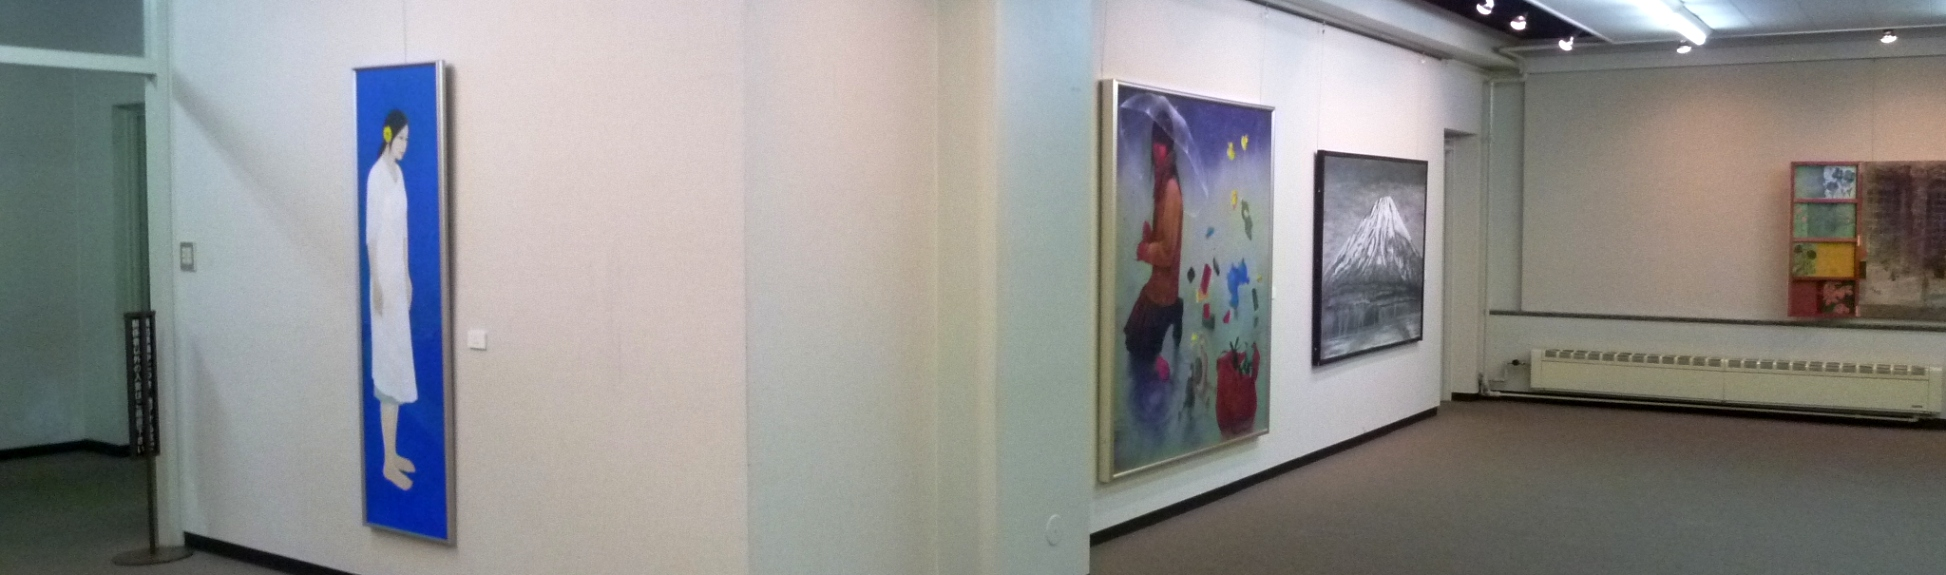 1565)②「北の日本画展 第26回」 時計台 終了5月16日(月)~5月21日(土) _f0126829_17284847.jpg